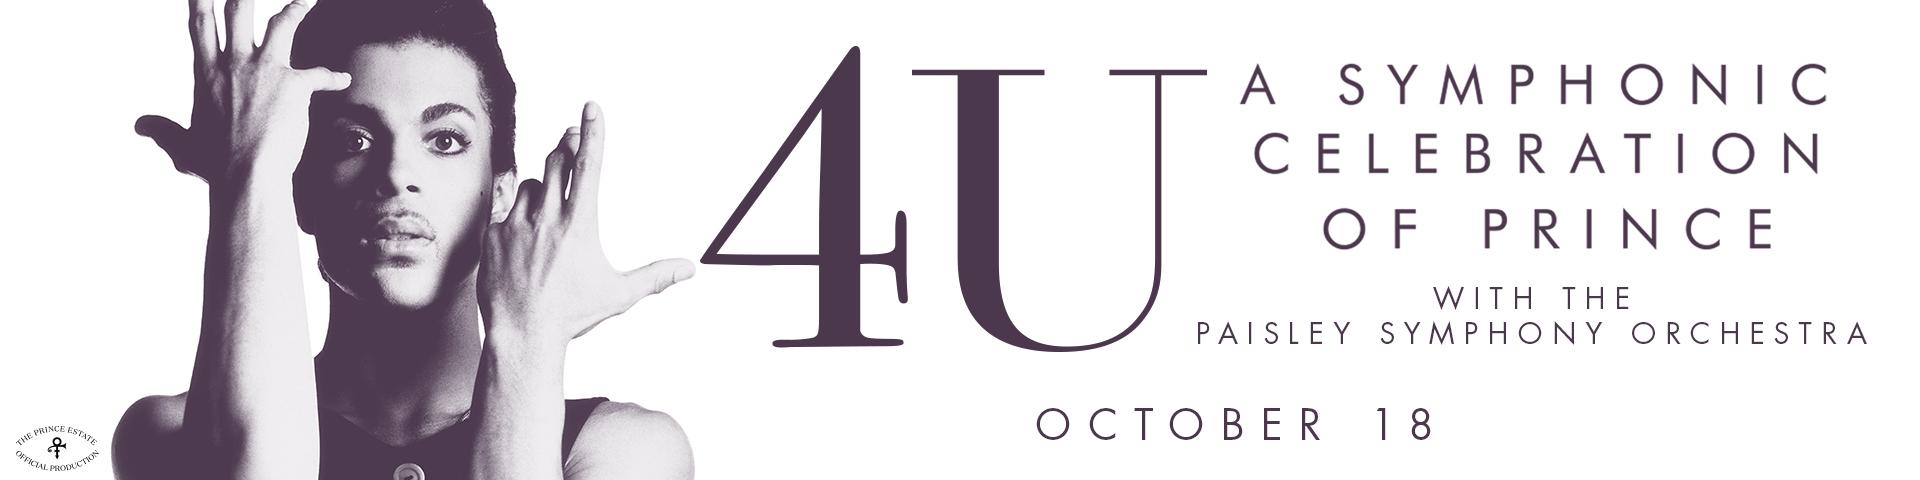 4U A Symphonic Celebration Of Prince